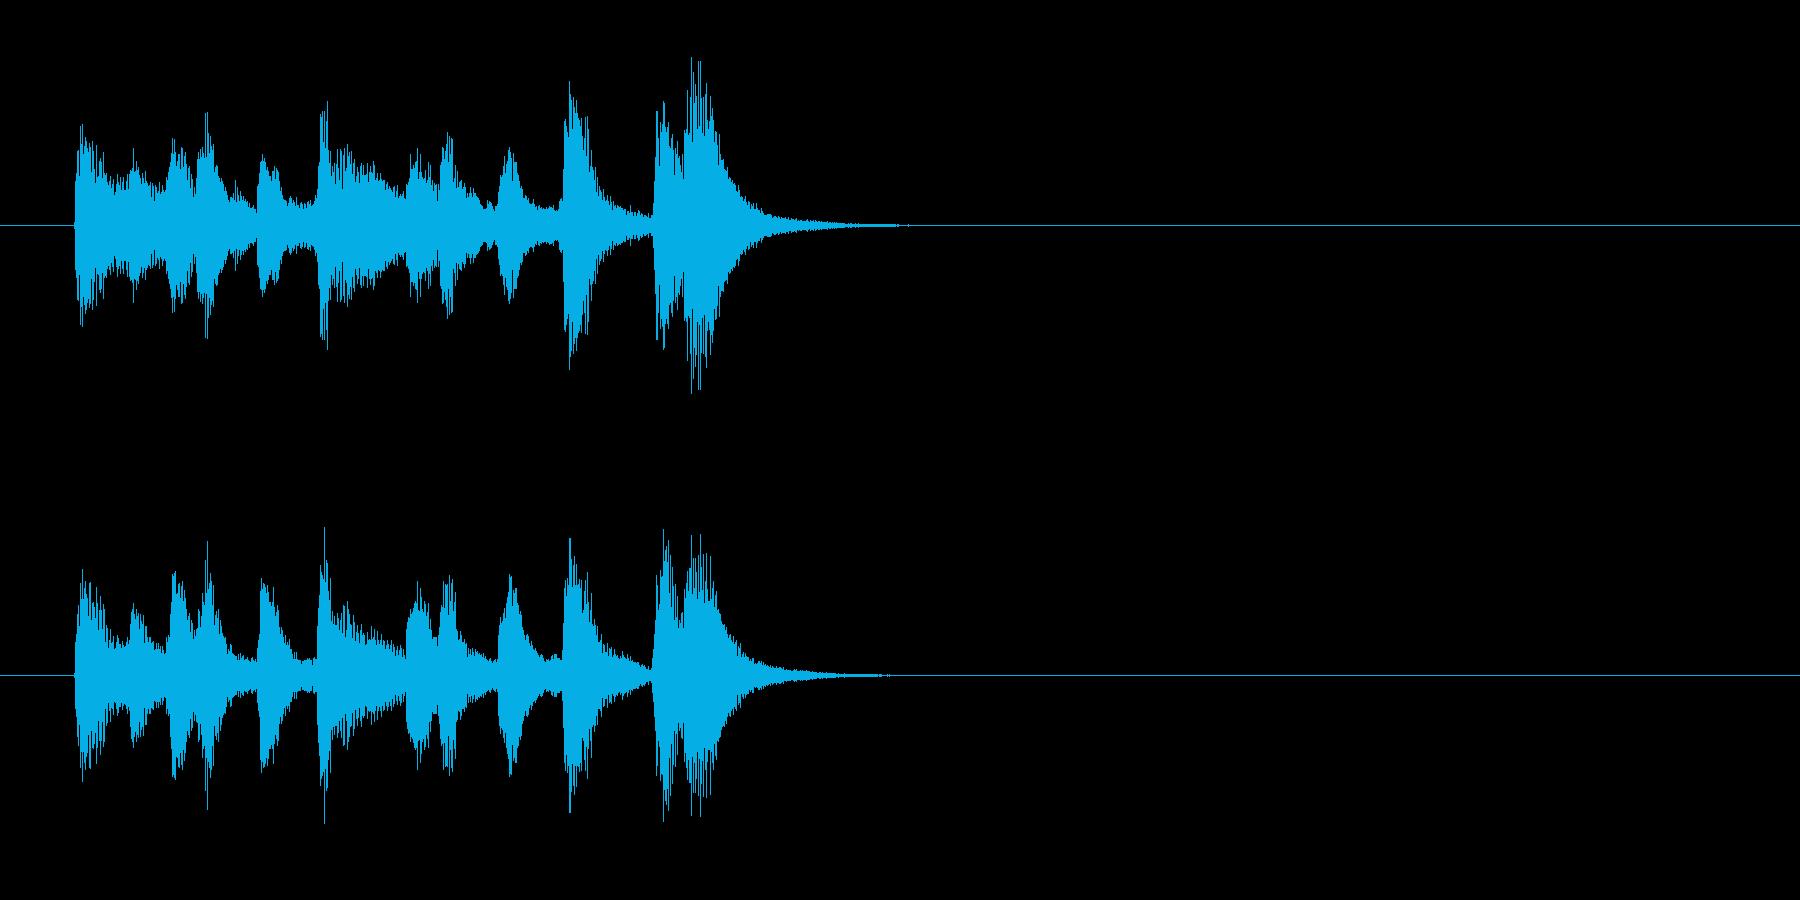 場面転換風クラシックのジングルの再生済みの波形